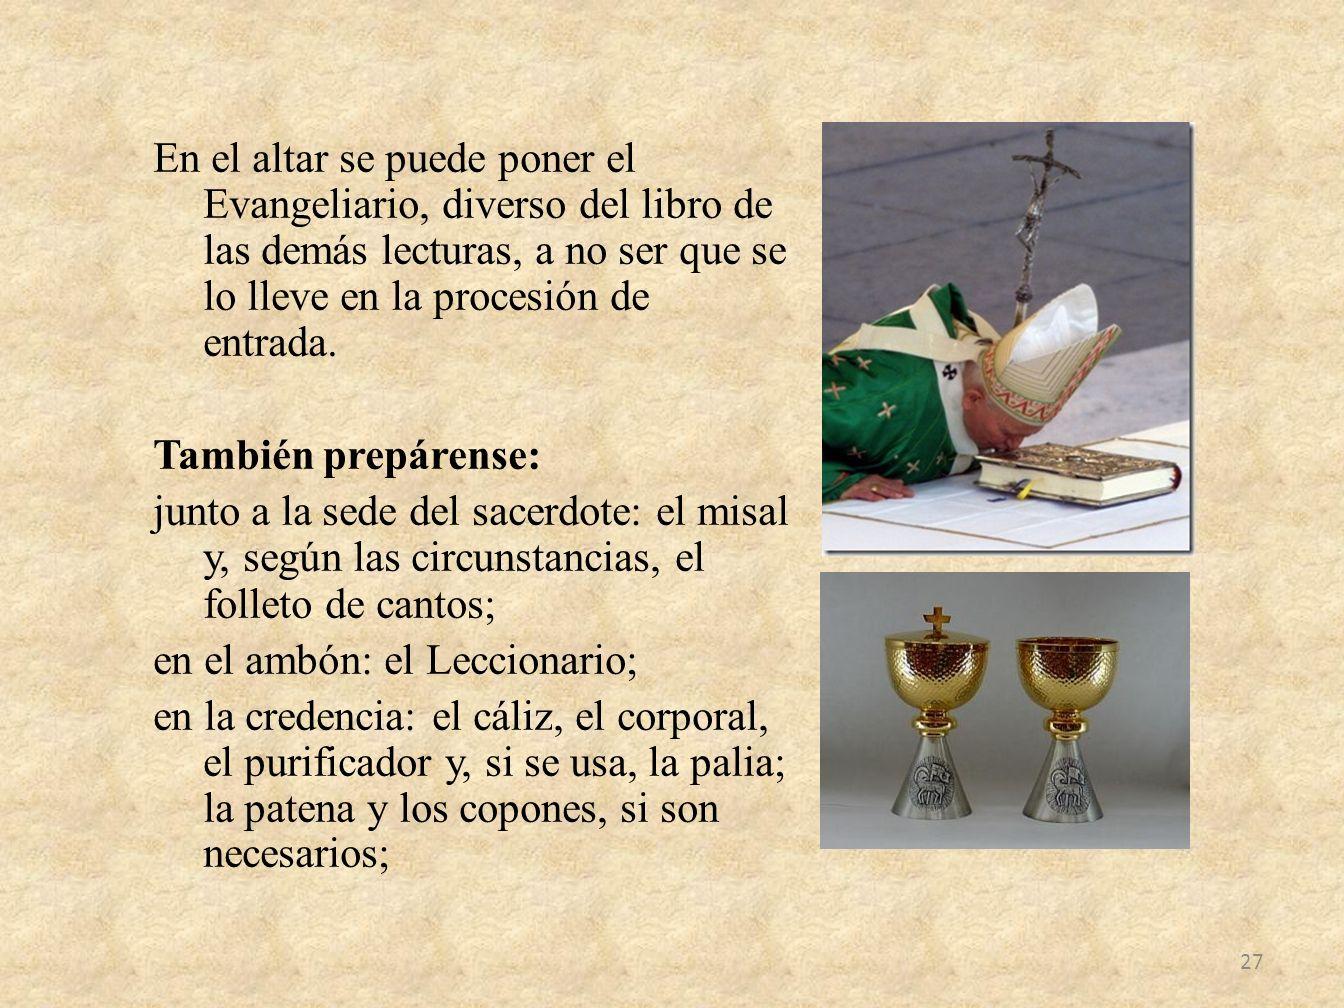 En el altar se puede poner el Evangeliario, diverso del libro de las demás lecturas, a no ser que se lo lleve en la procesión de entrada. También prep